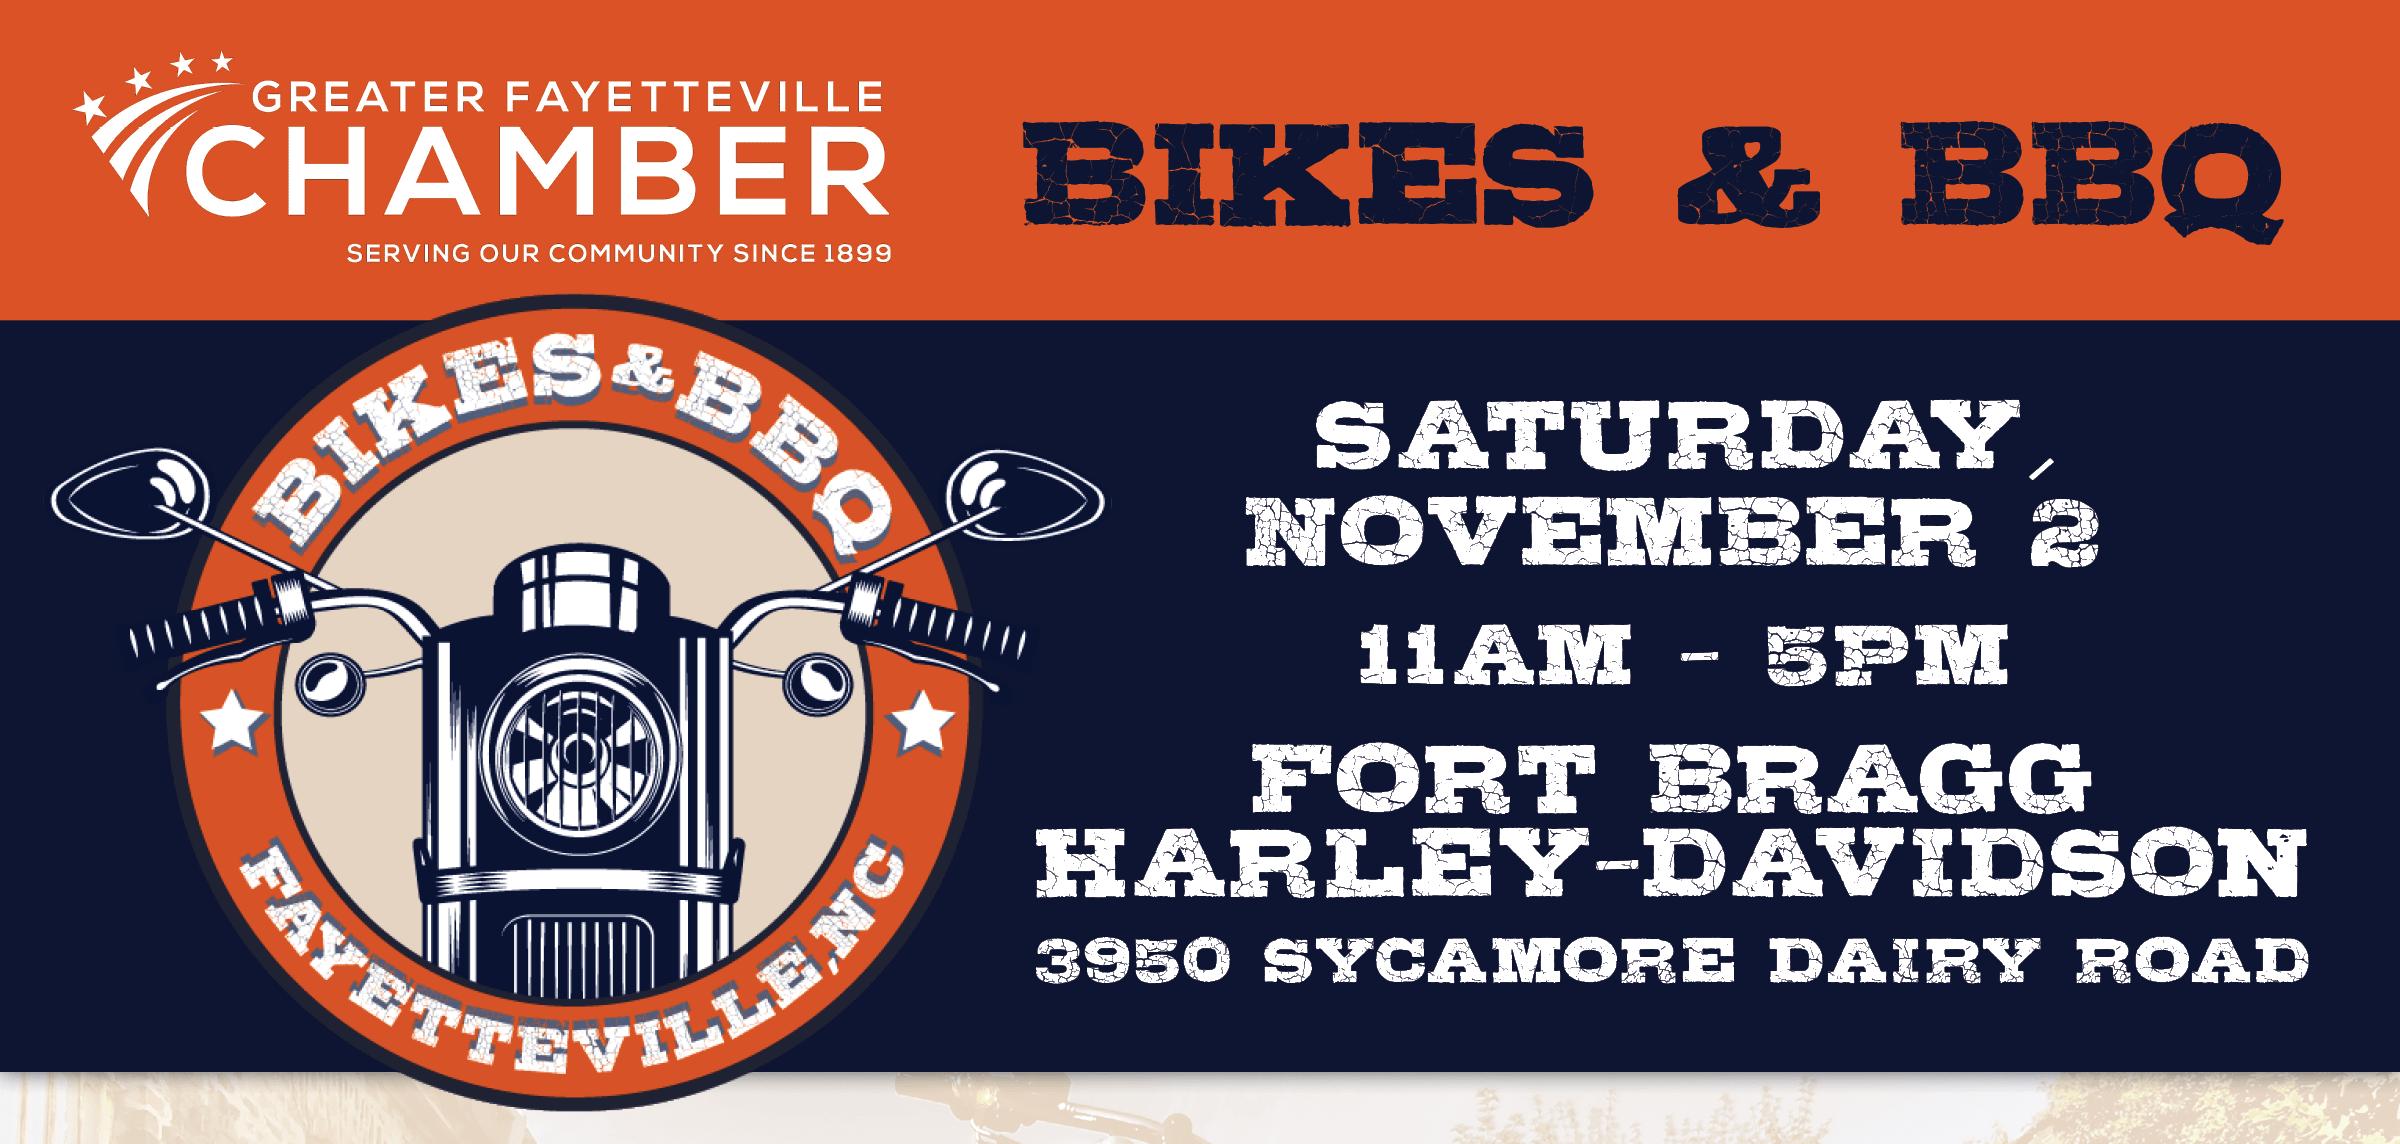 http://www.faybiz.com/bikes-bbq